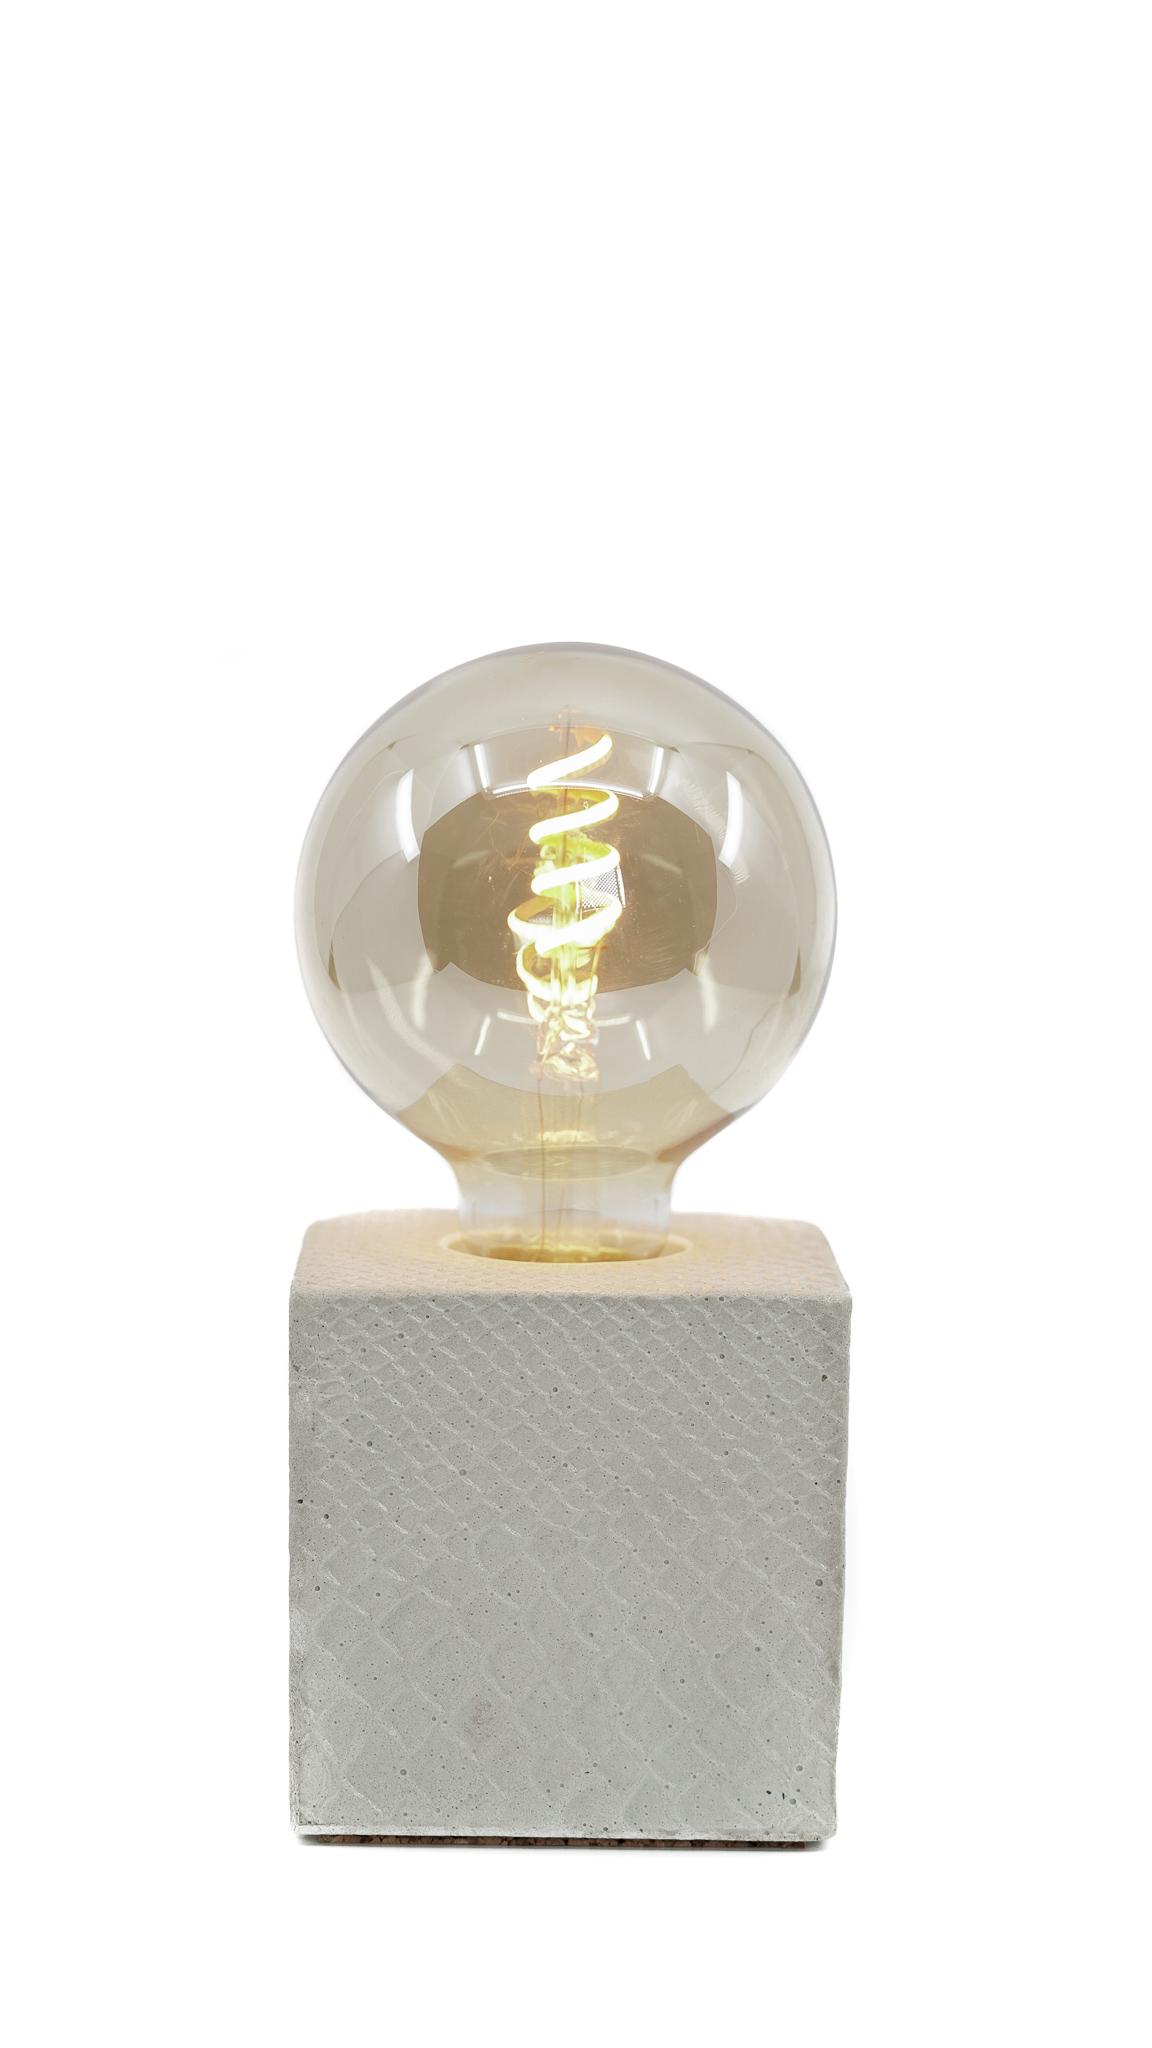 Lampe à poser en béton beige fabrication artisanale croco